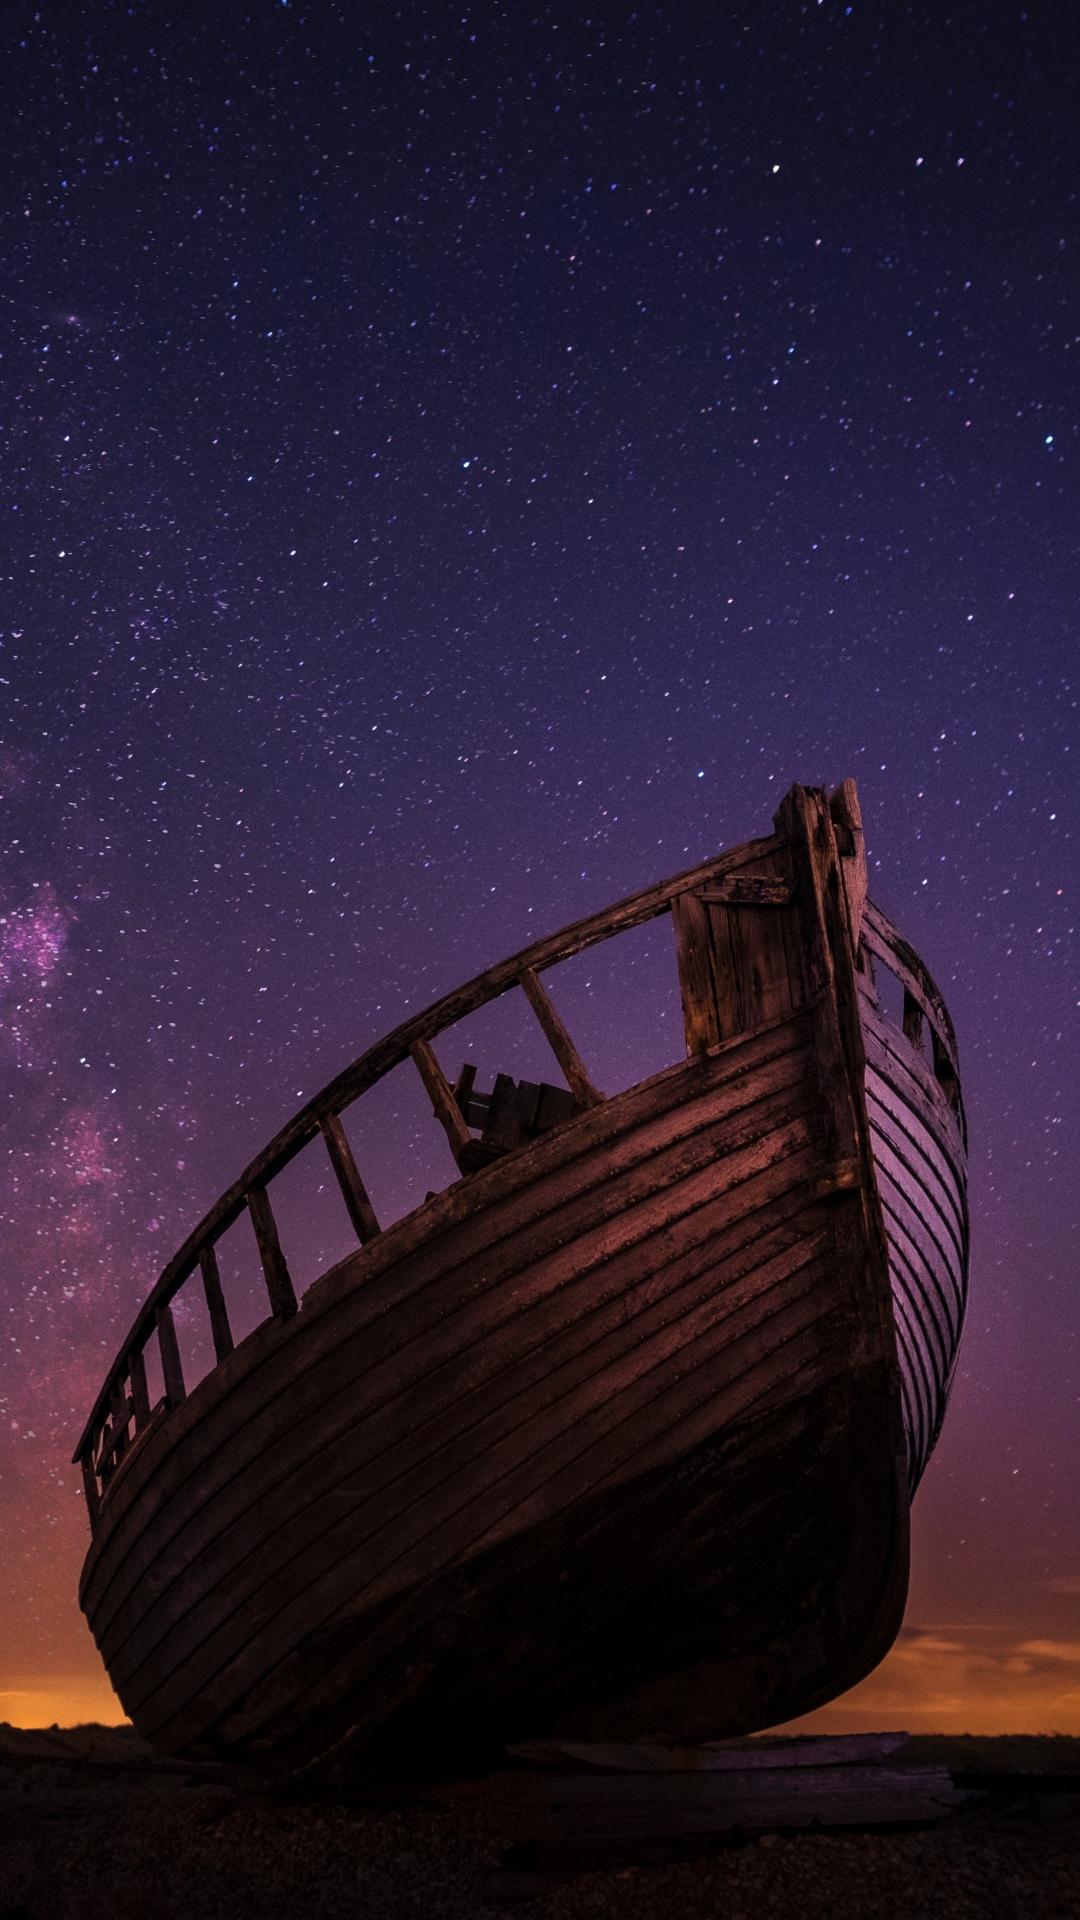 boat starry sky night 117225 1080x1920 3Wallpapers : notre sélection de fonds d'écran du 22/09/2017